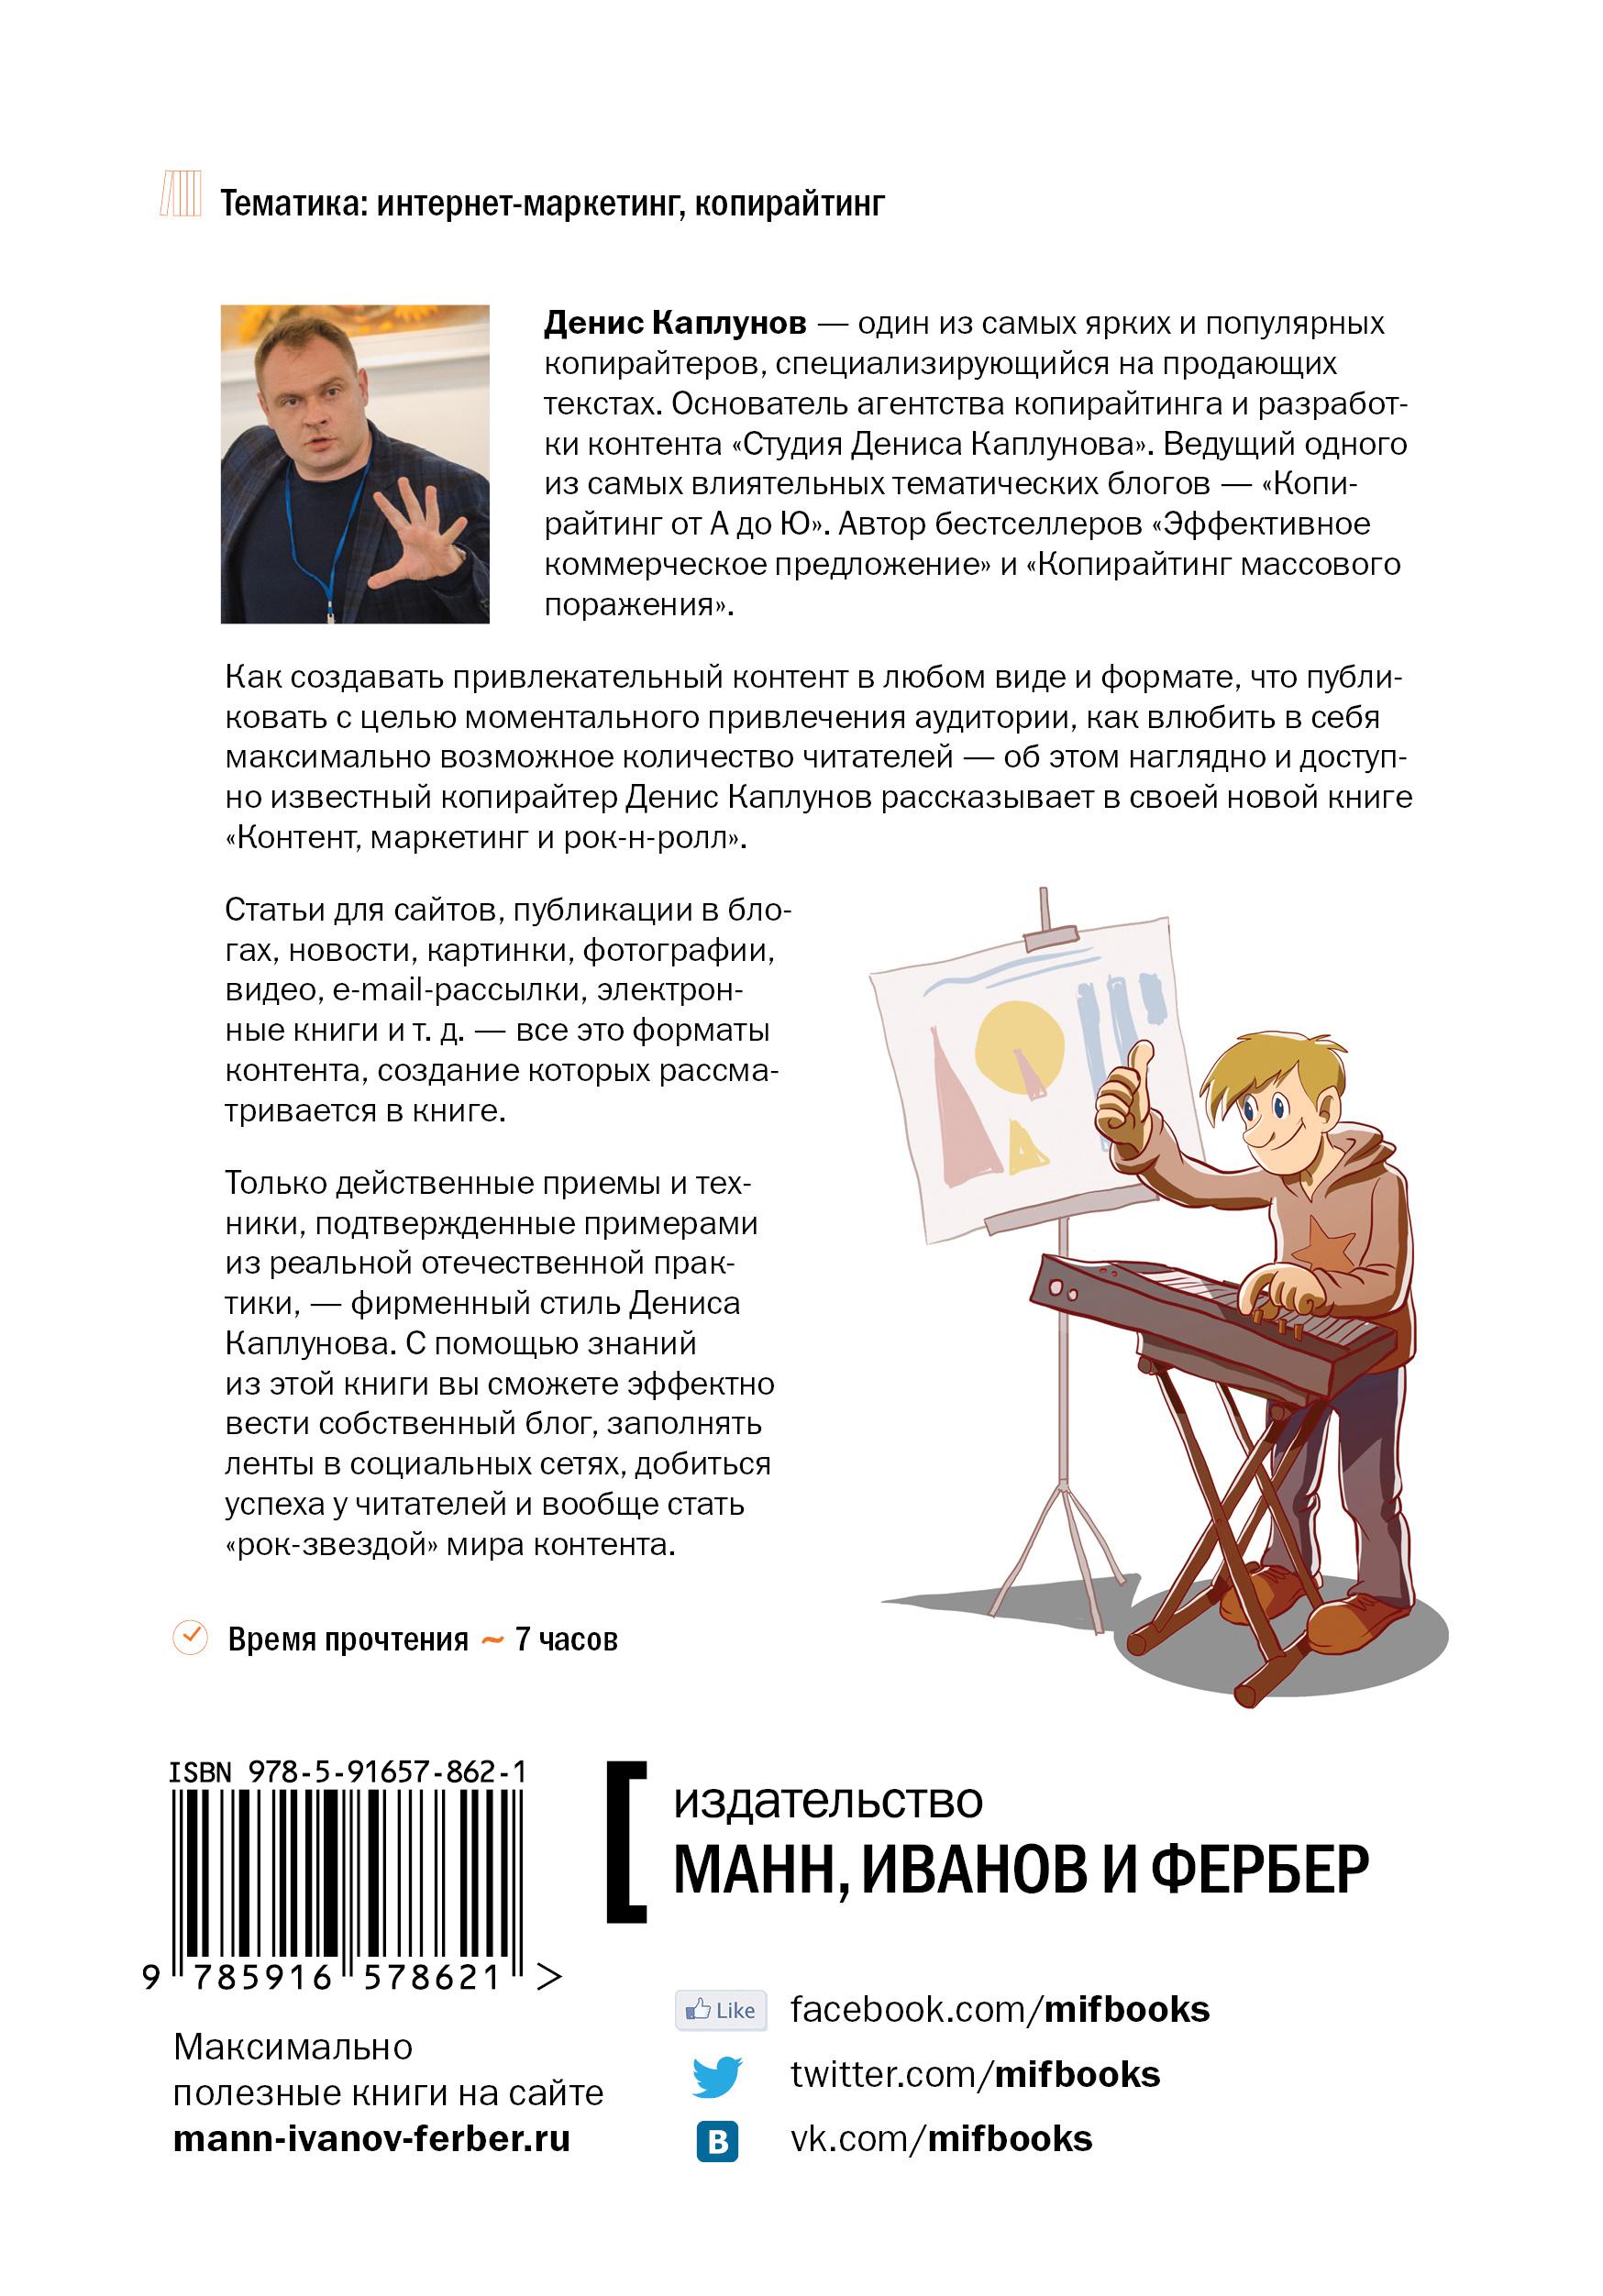 КОНТЕНТ МАРКЕТИНГ И РОК Н РОЛЛ СКАЧАТЬ БЕСПЛАТНО